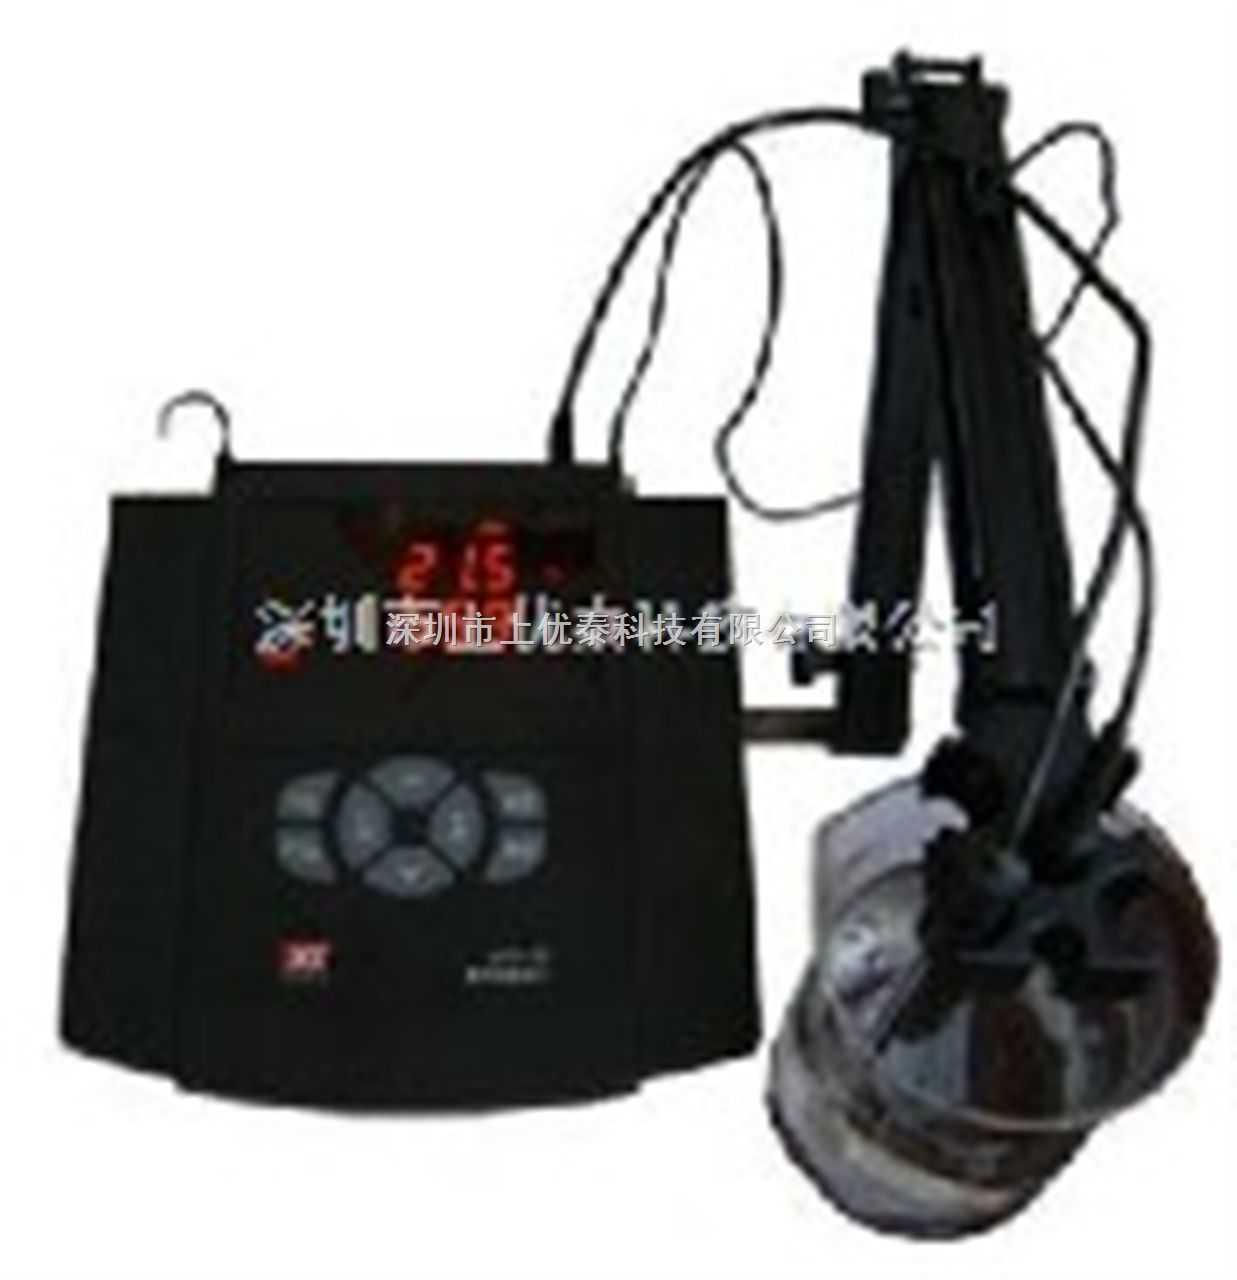 实验室电导率仪,中文台式电导率仪,化验室电导率仪